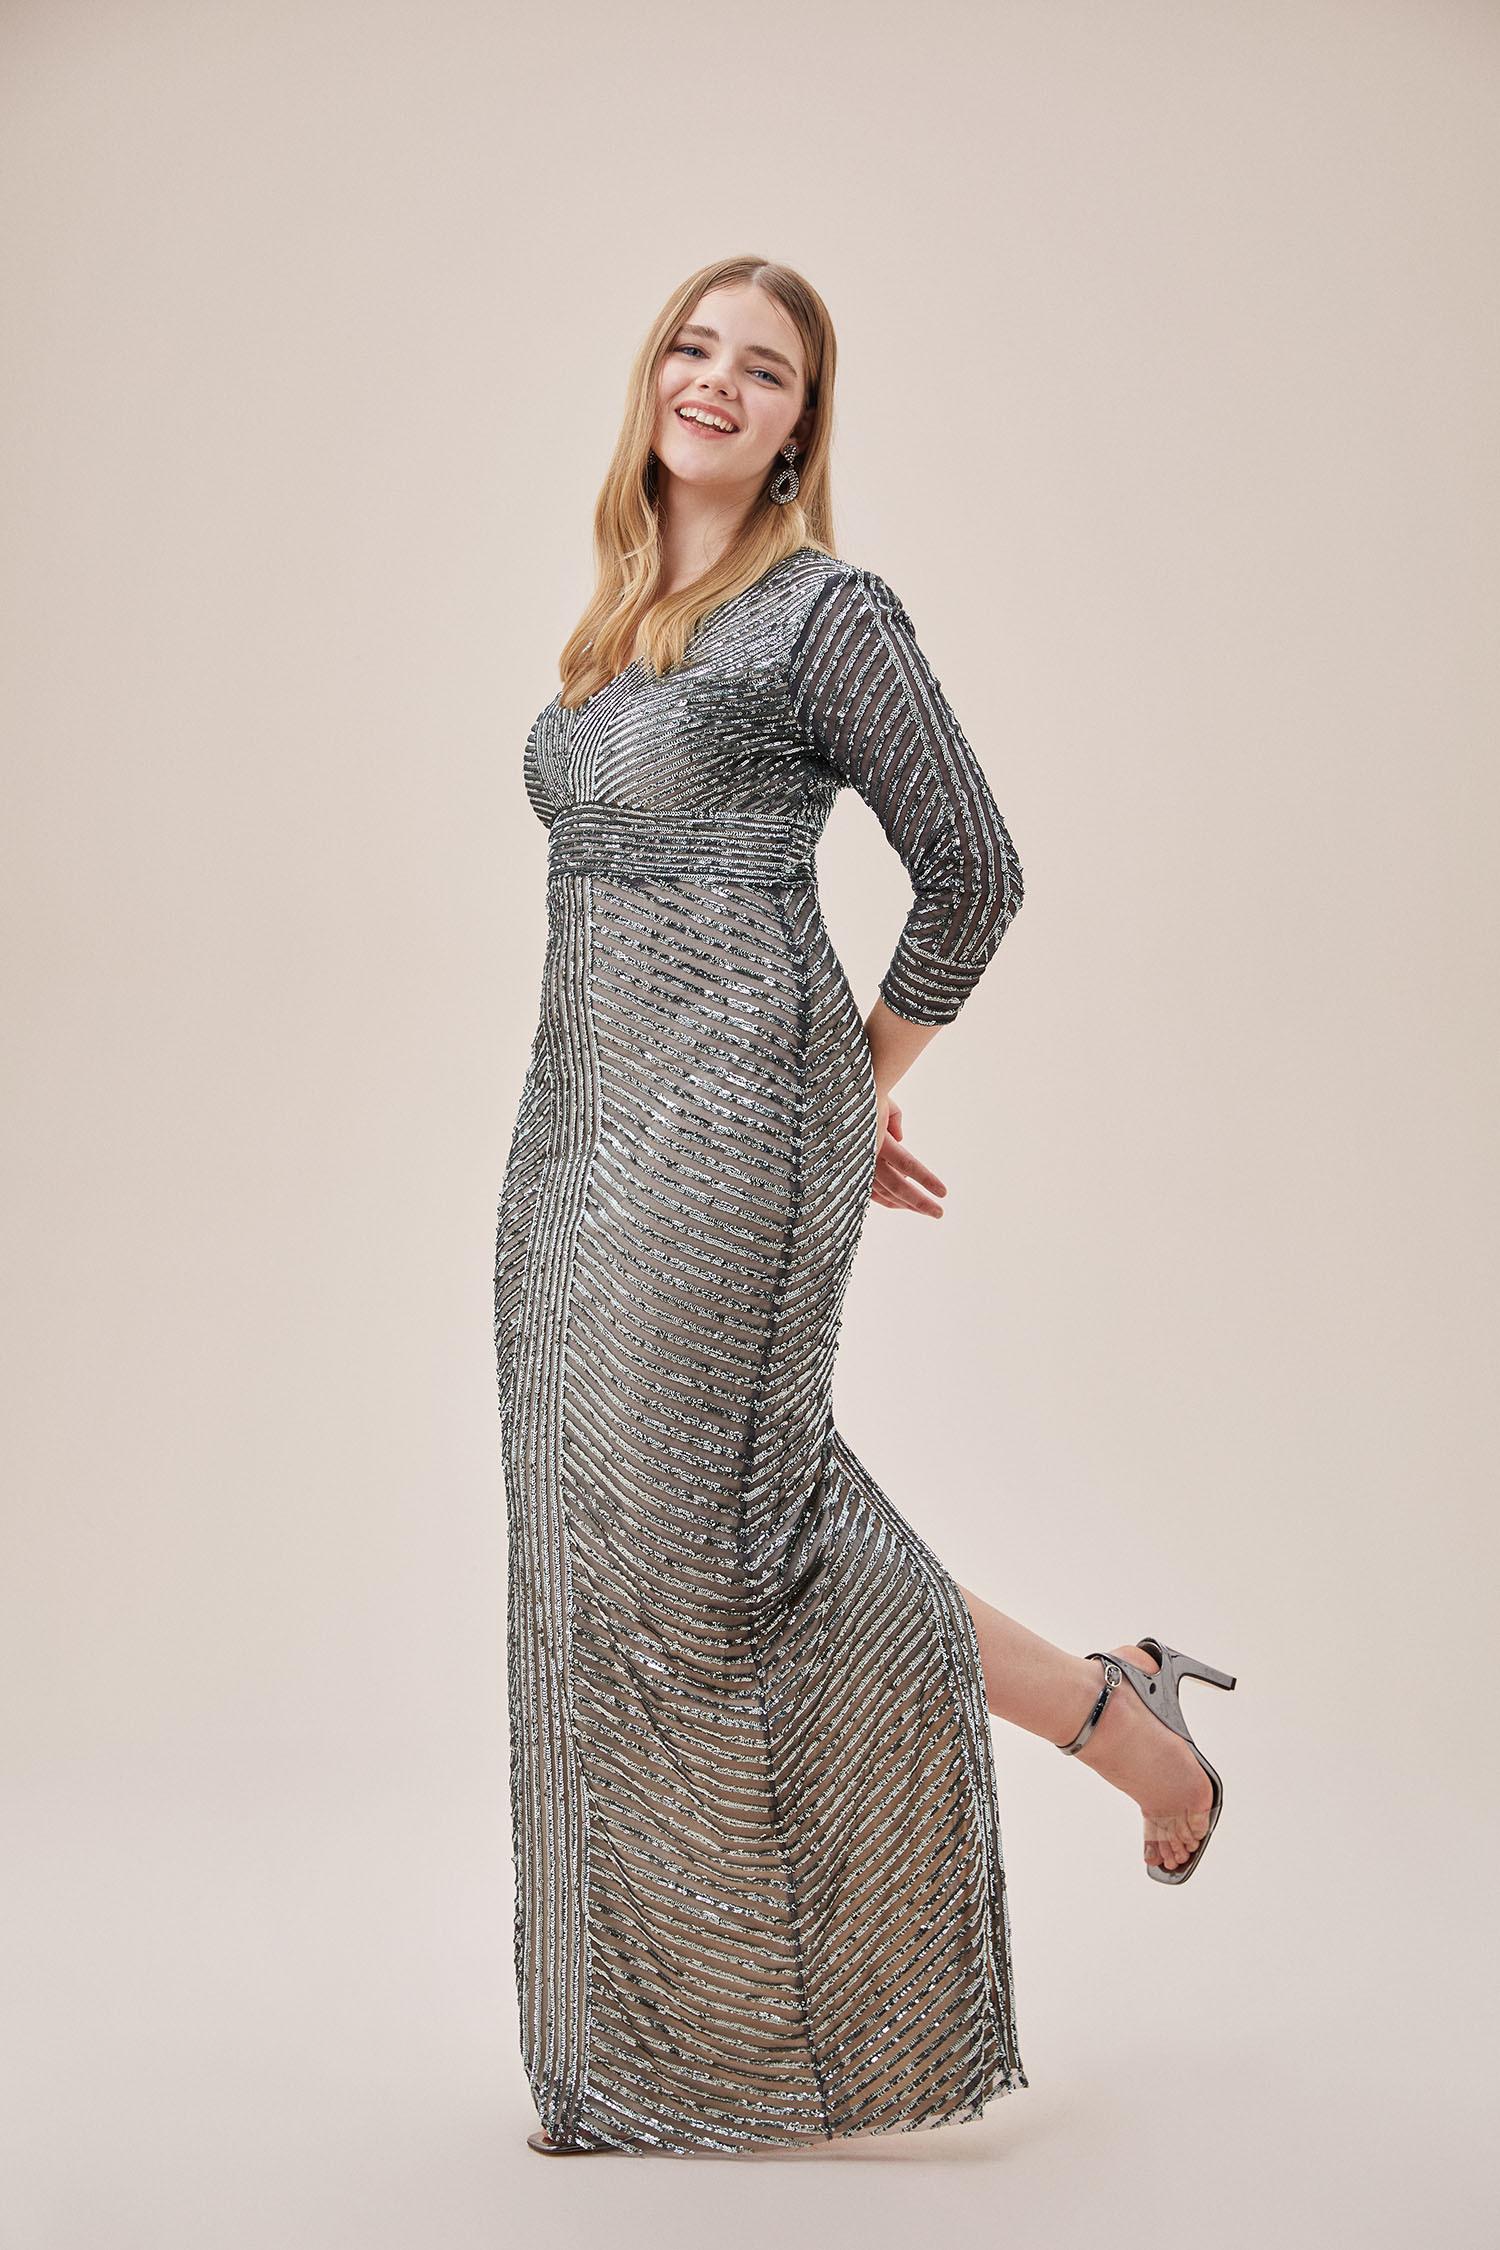 Gri Payet İşlemeli Uzun Kollu Arka Yırtmaçlı Uzun Büyük Beden Elbise - Thumbnail